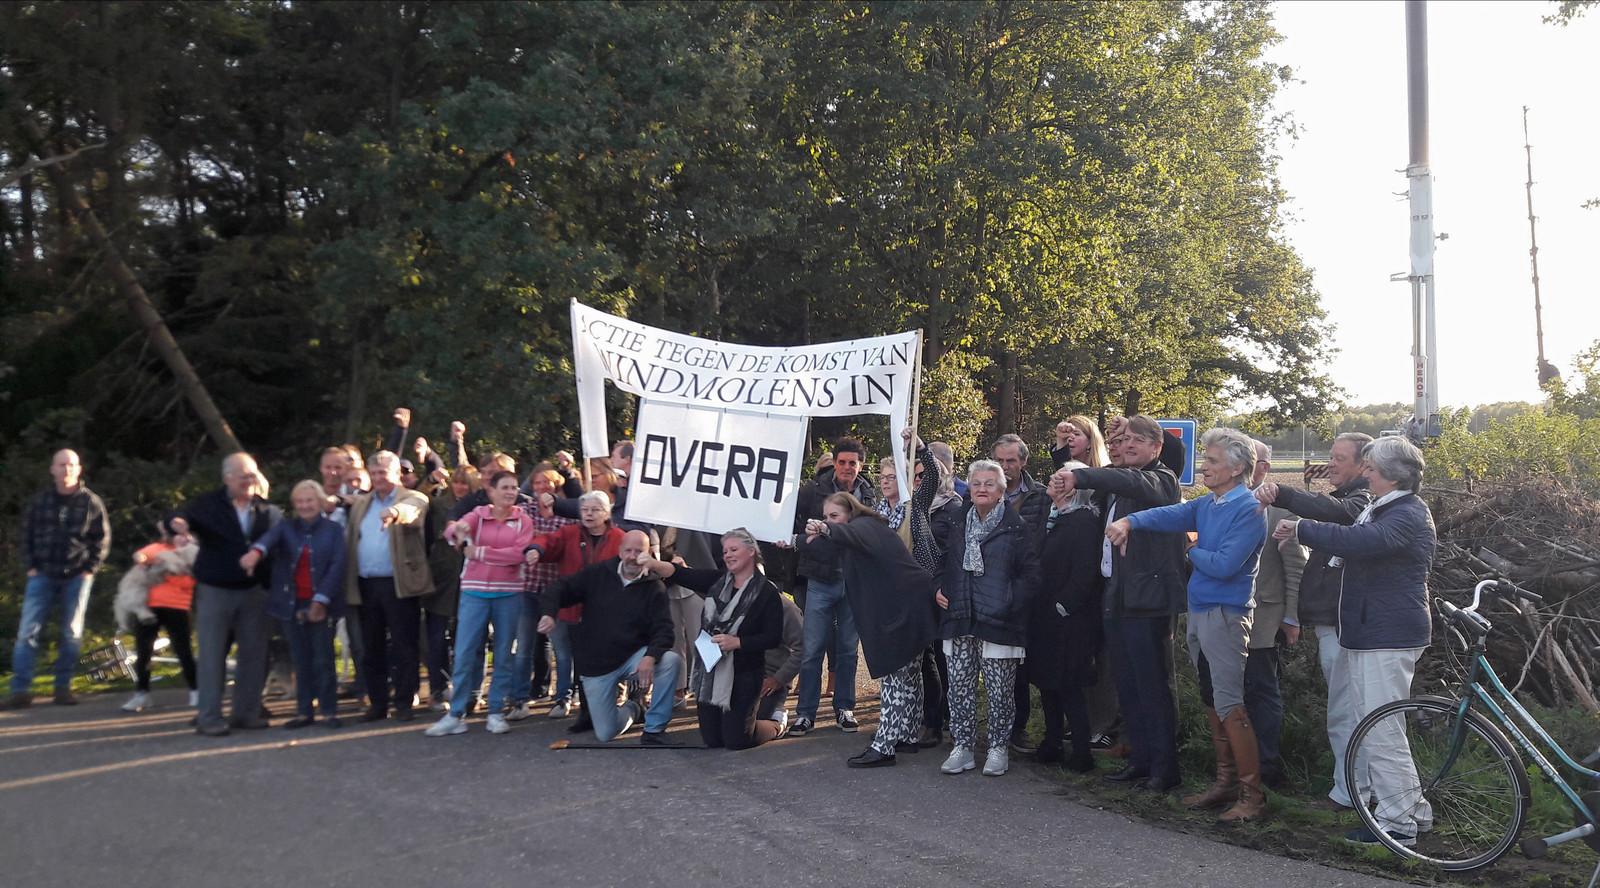 Actie tegen windmolens door bewoners van Overa in Breda, eerder deze week.